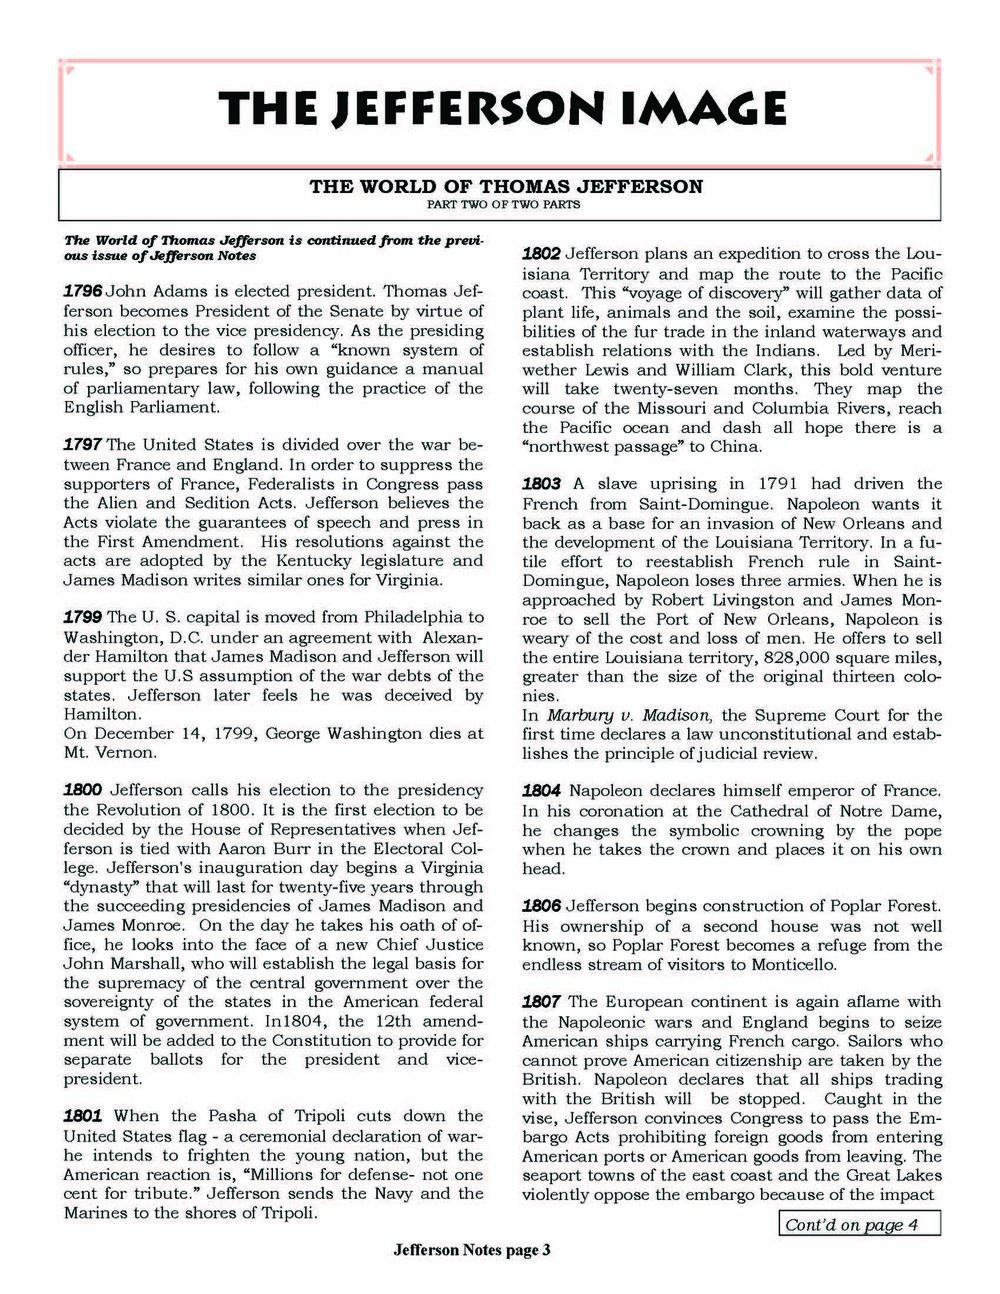 JNotesSpring2009_Page_3.jpg